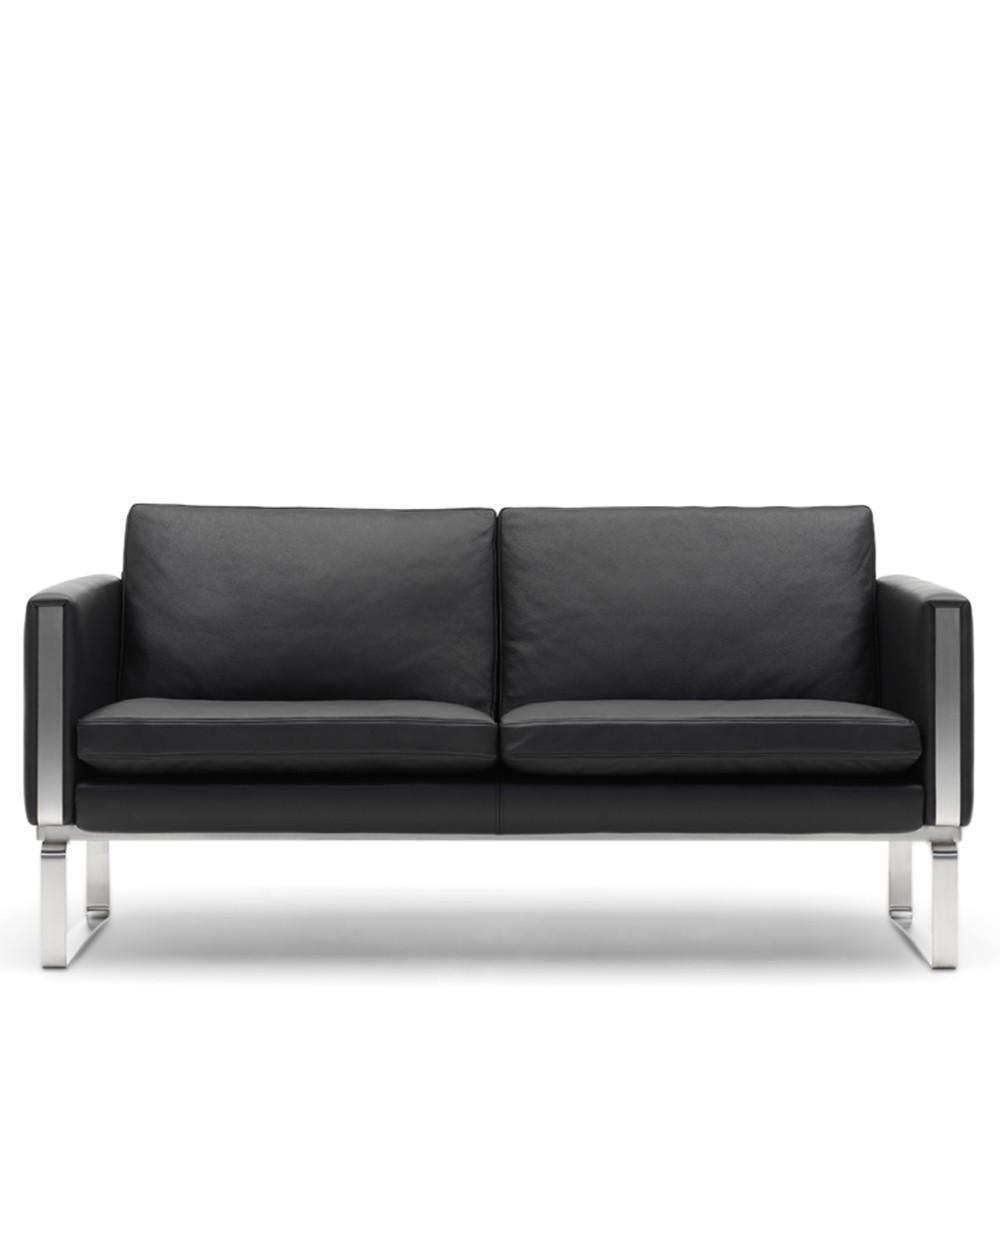 Wegner CH 100 Sofa, Hans J. Wegner for Carl Hansen